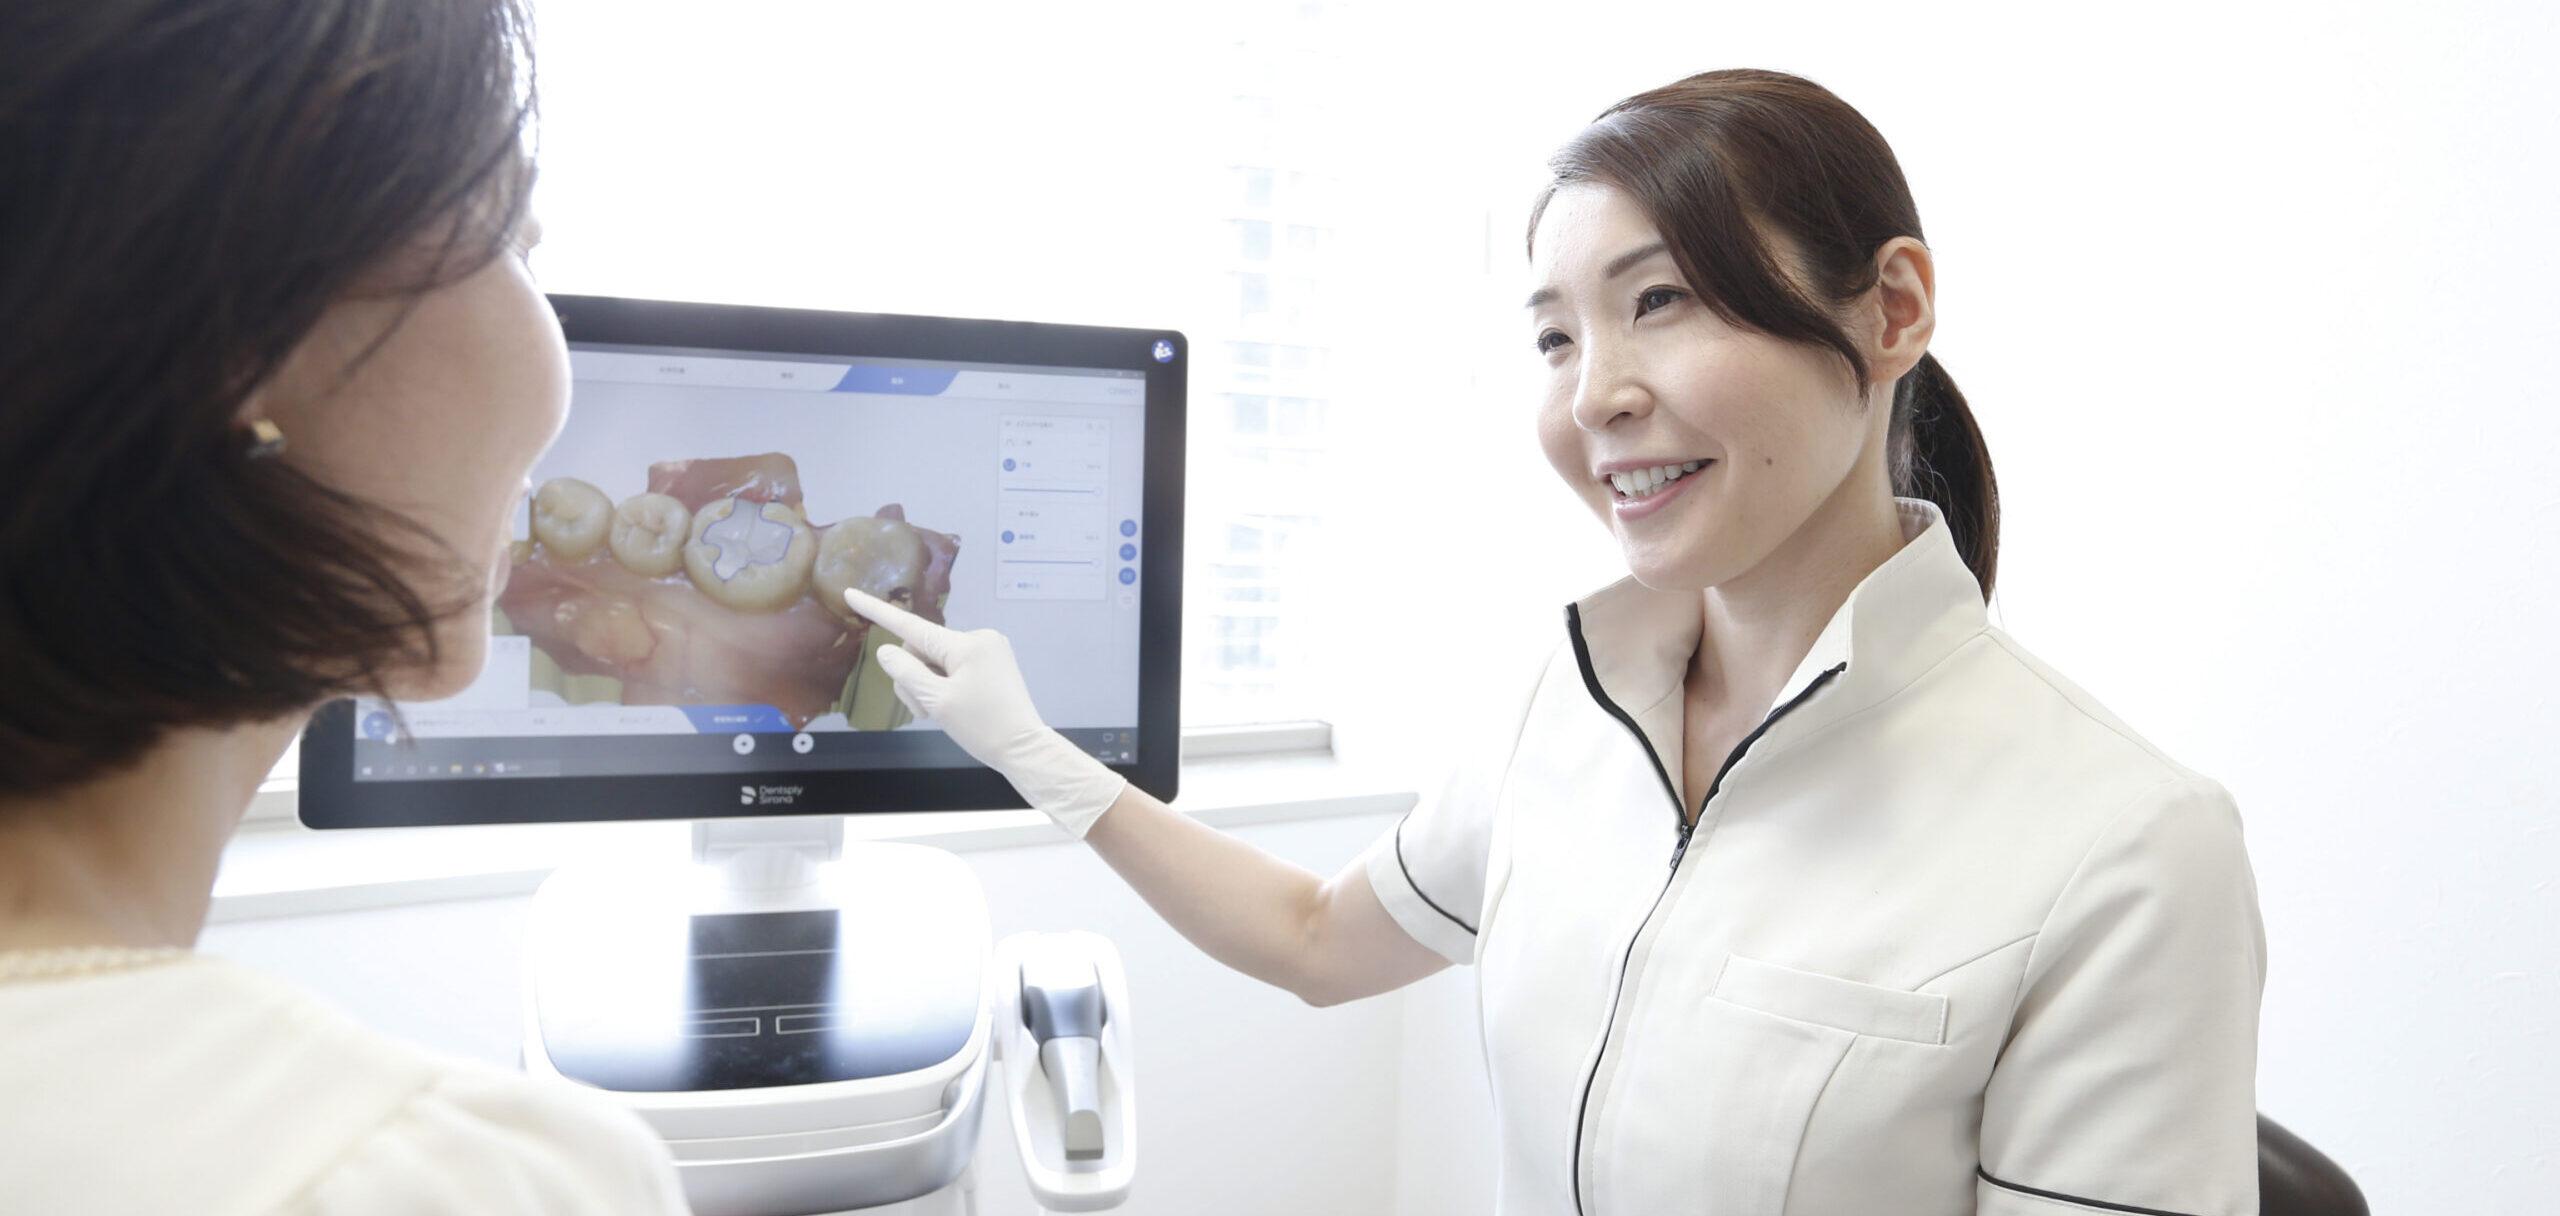 阿倍野区西田辺の歯医者 えがしら歯科 クリニック